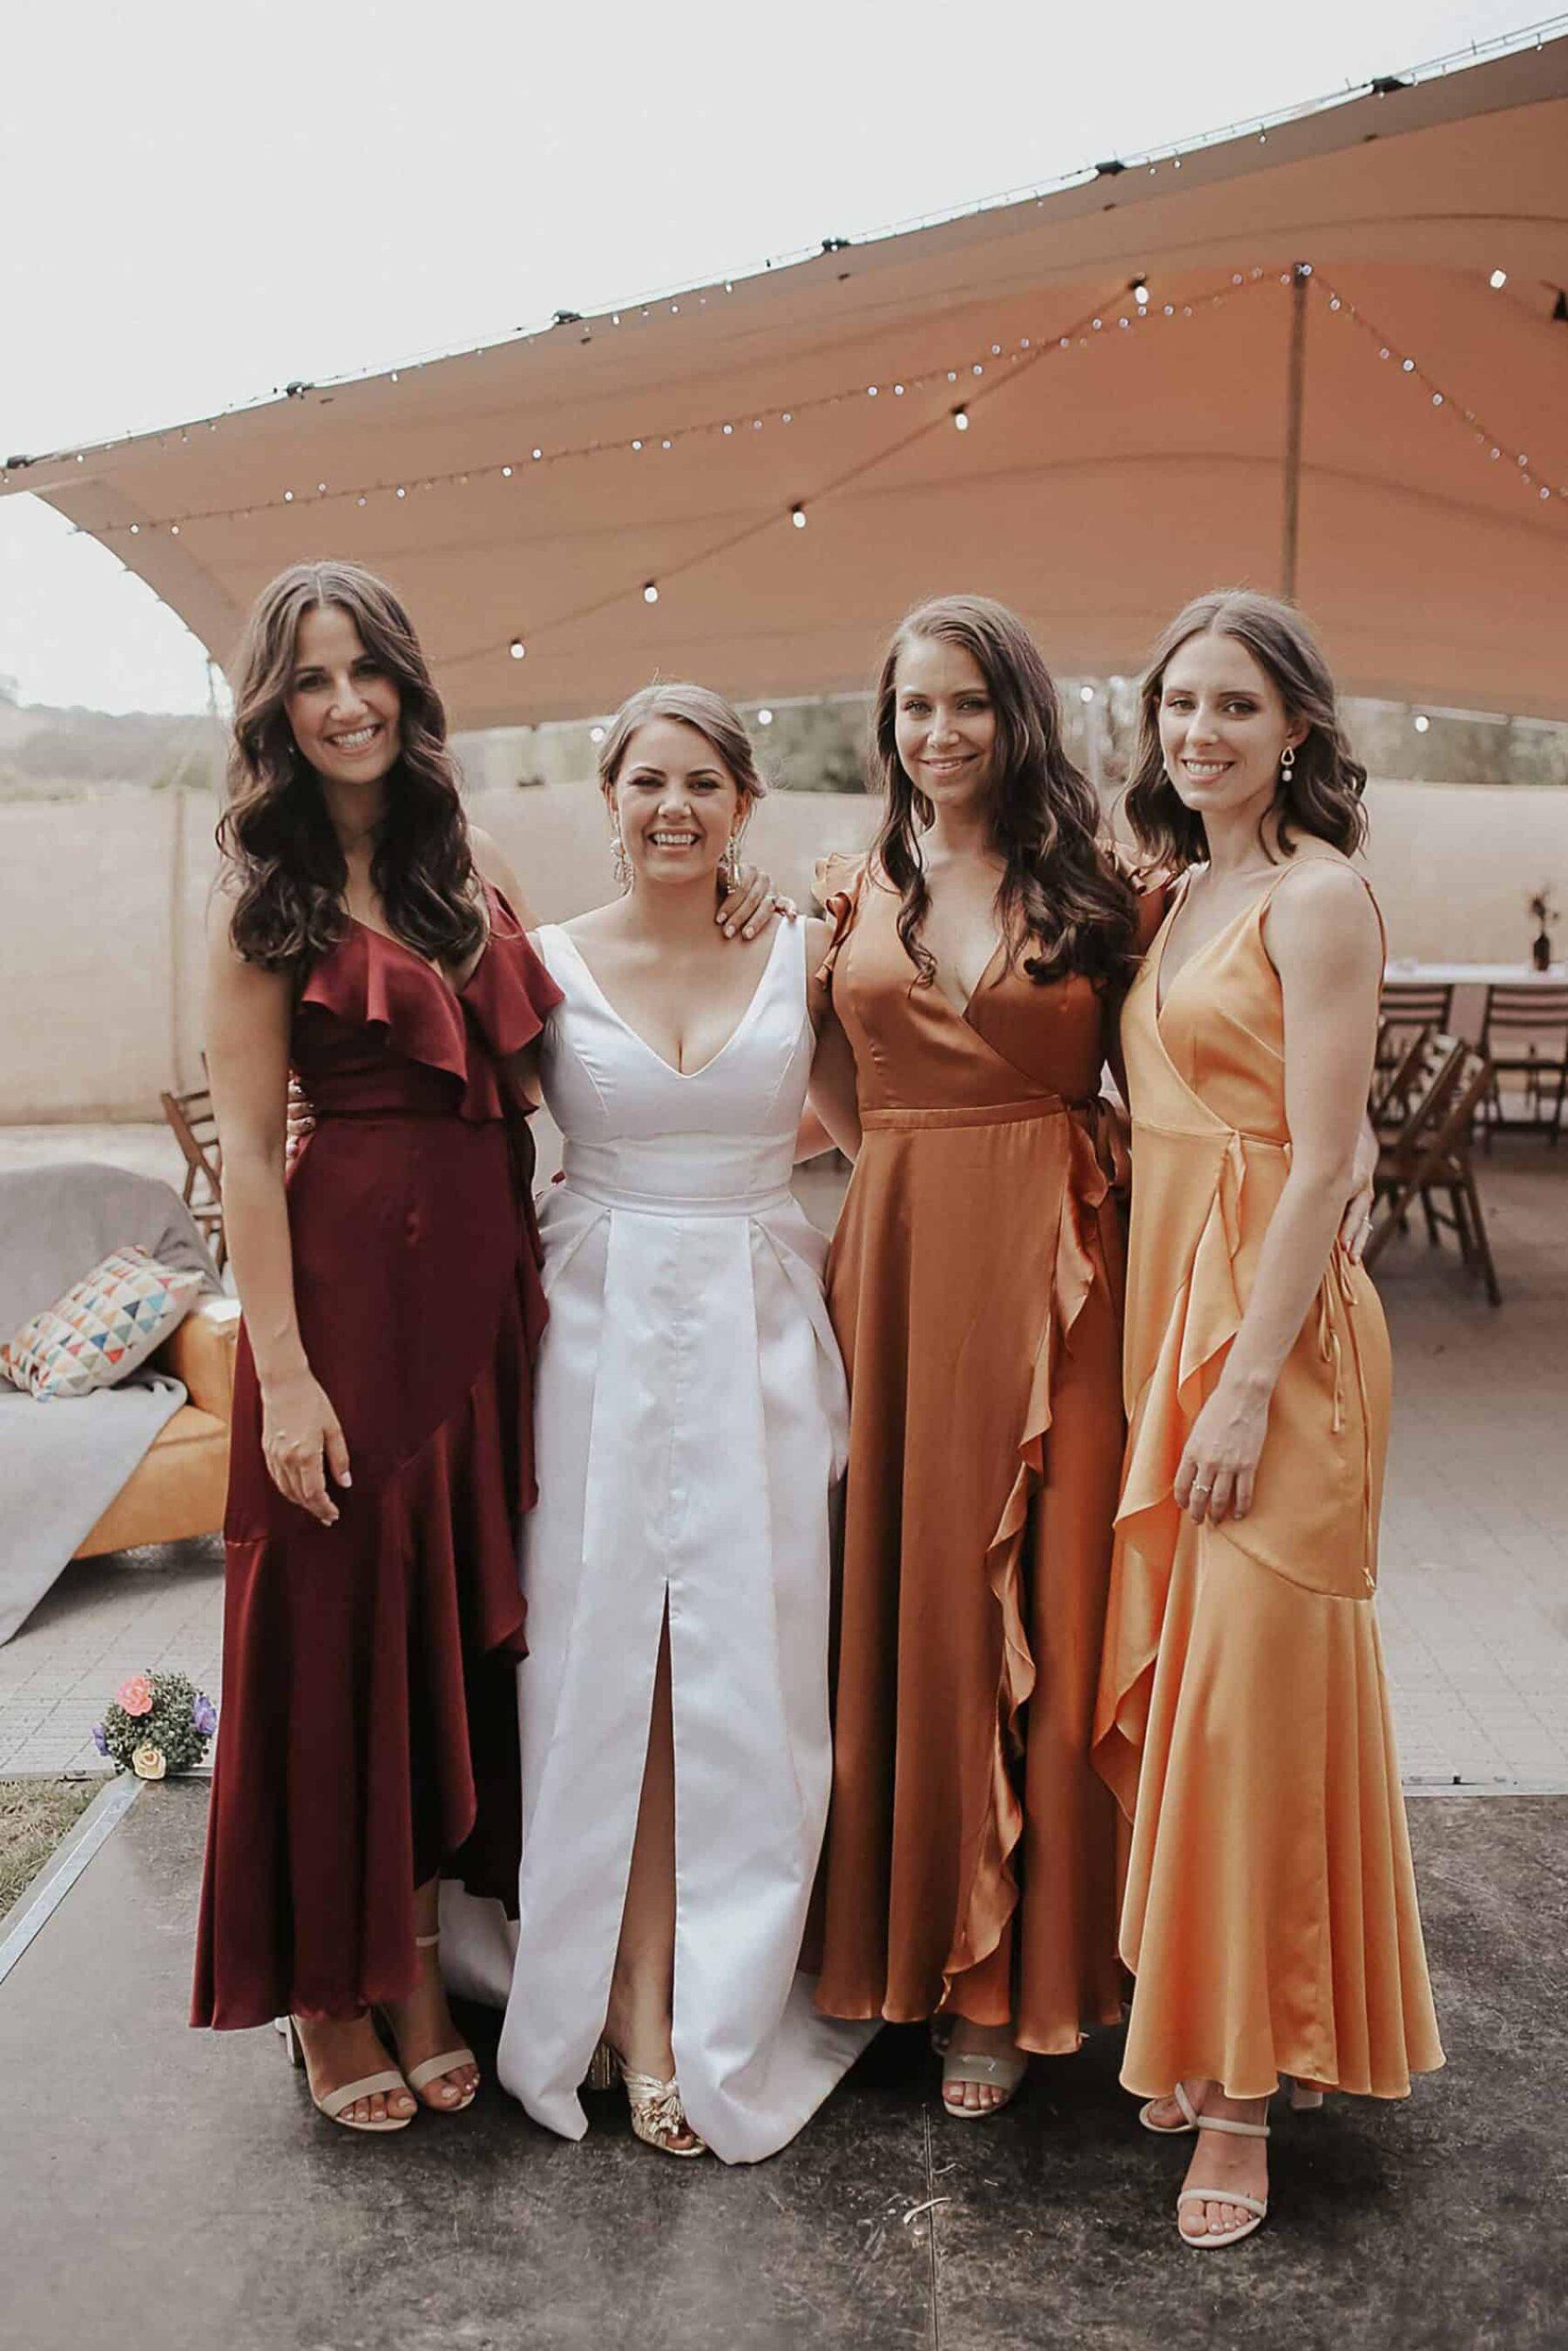 long bridesmaid dresses in autumn tones